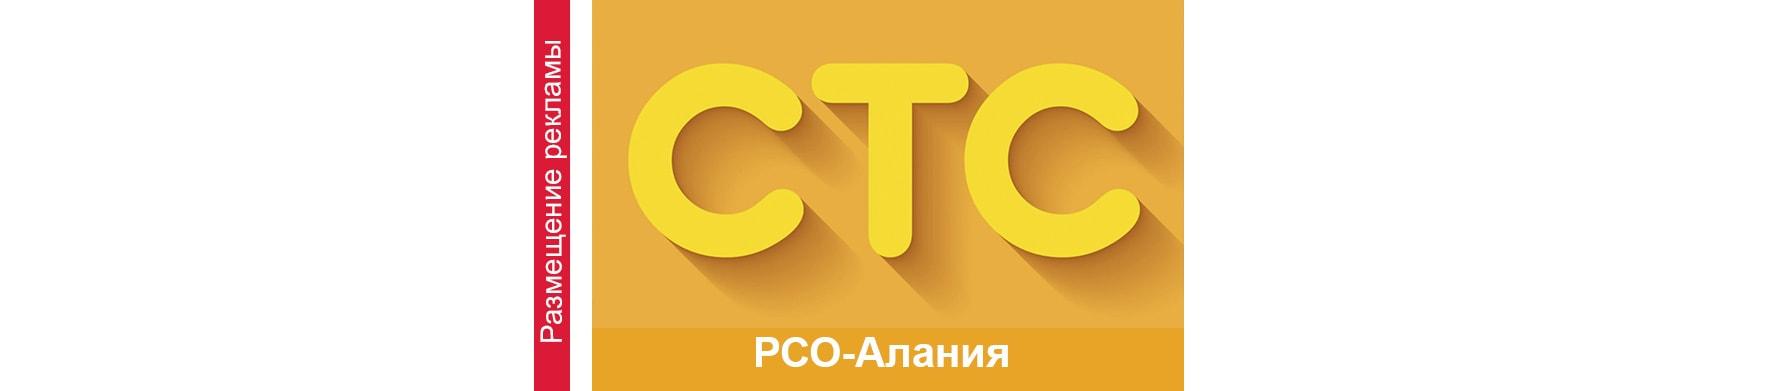 Реклама на телевидении в РСО-Алания стс